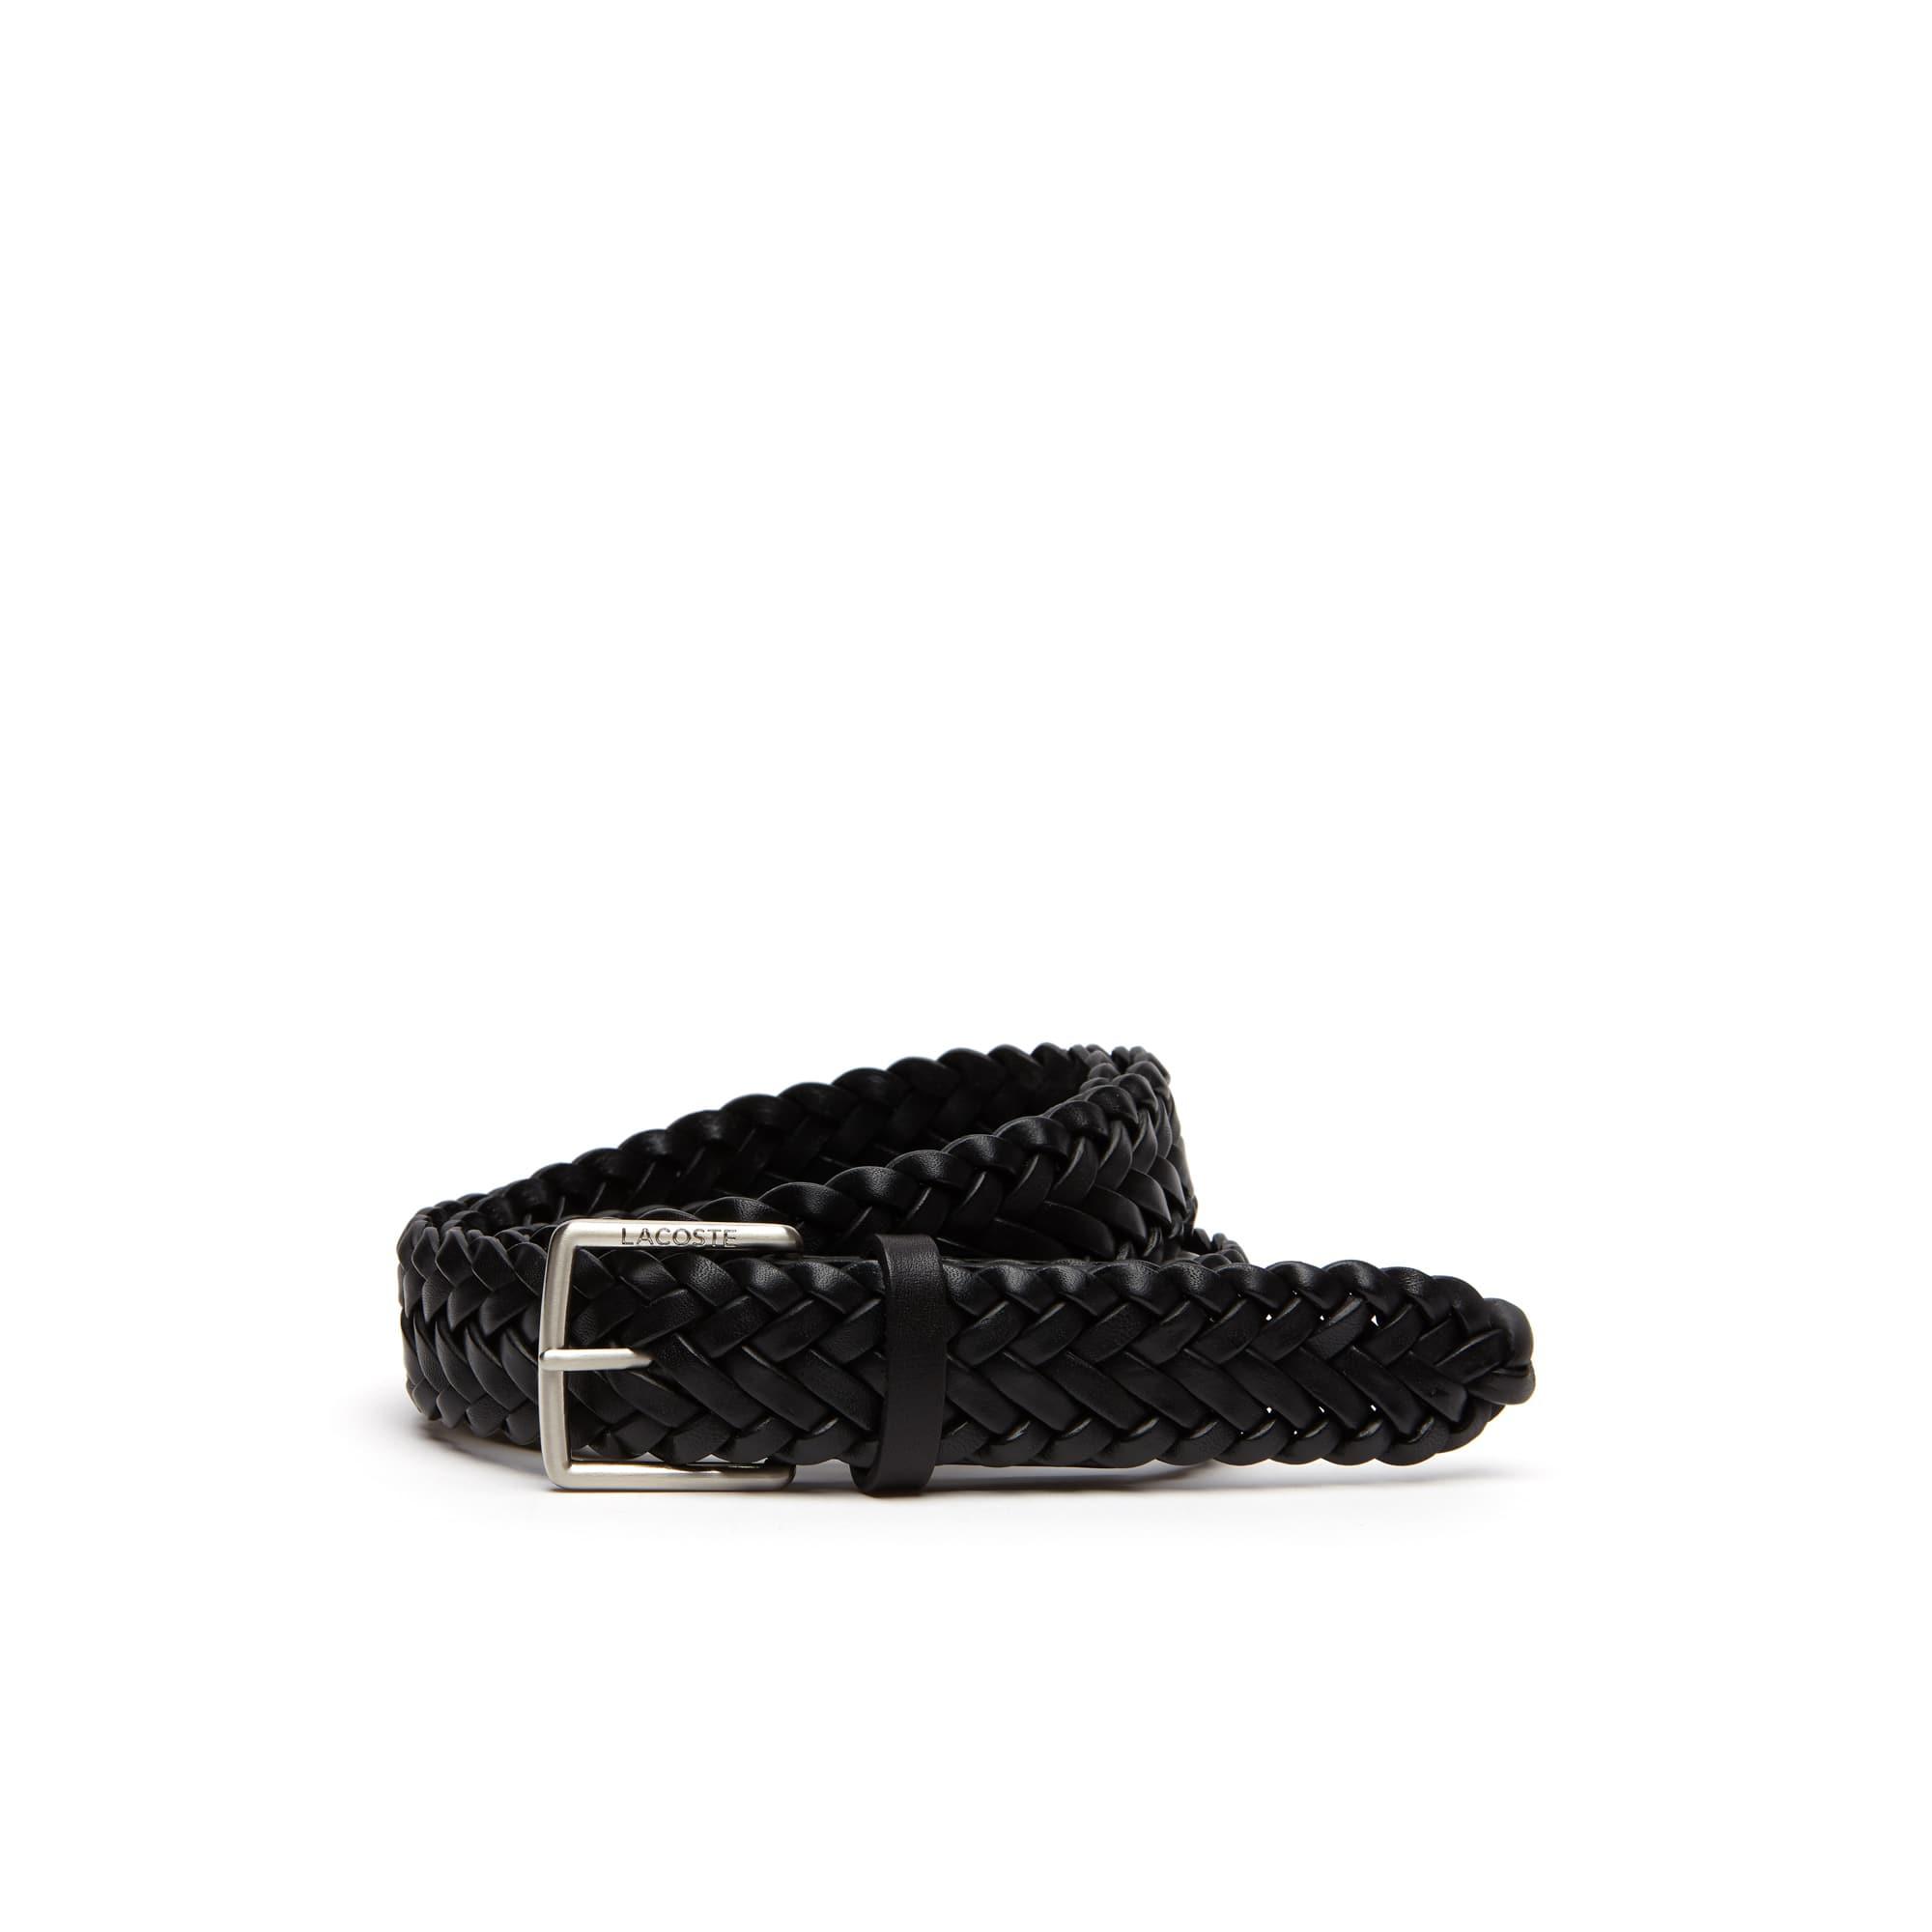 Cintura intrecciata in pelle con fibbia ad ardiglione dotata di incisione Lacoste